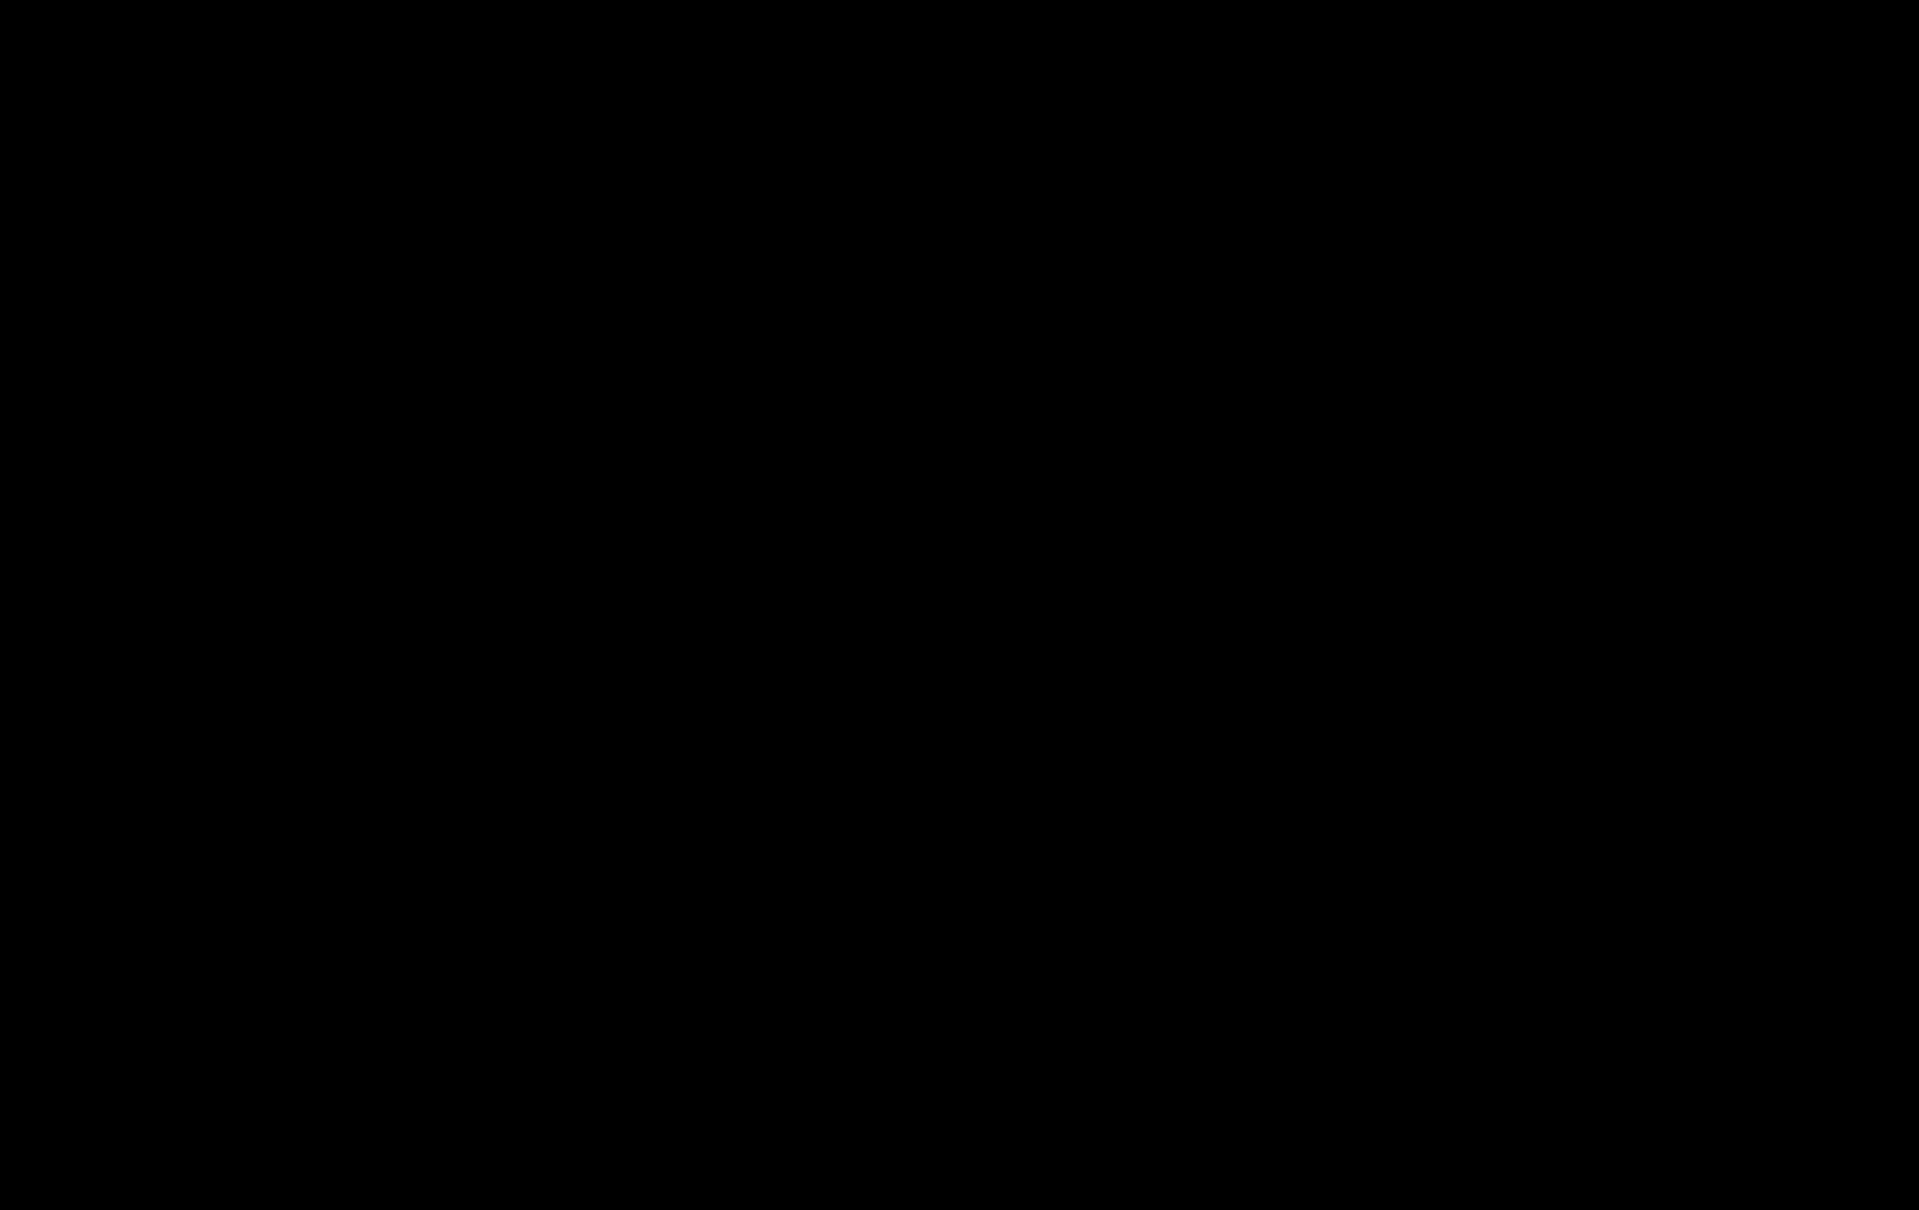 bvw-fullname-black-vert